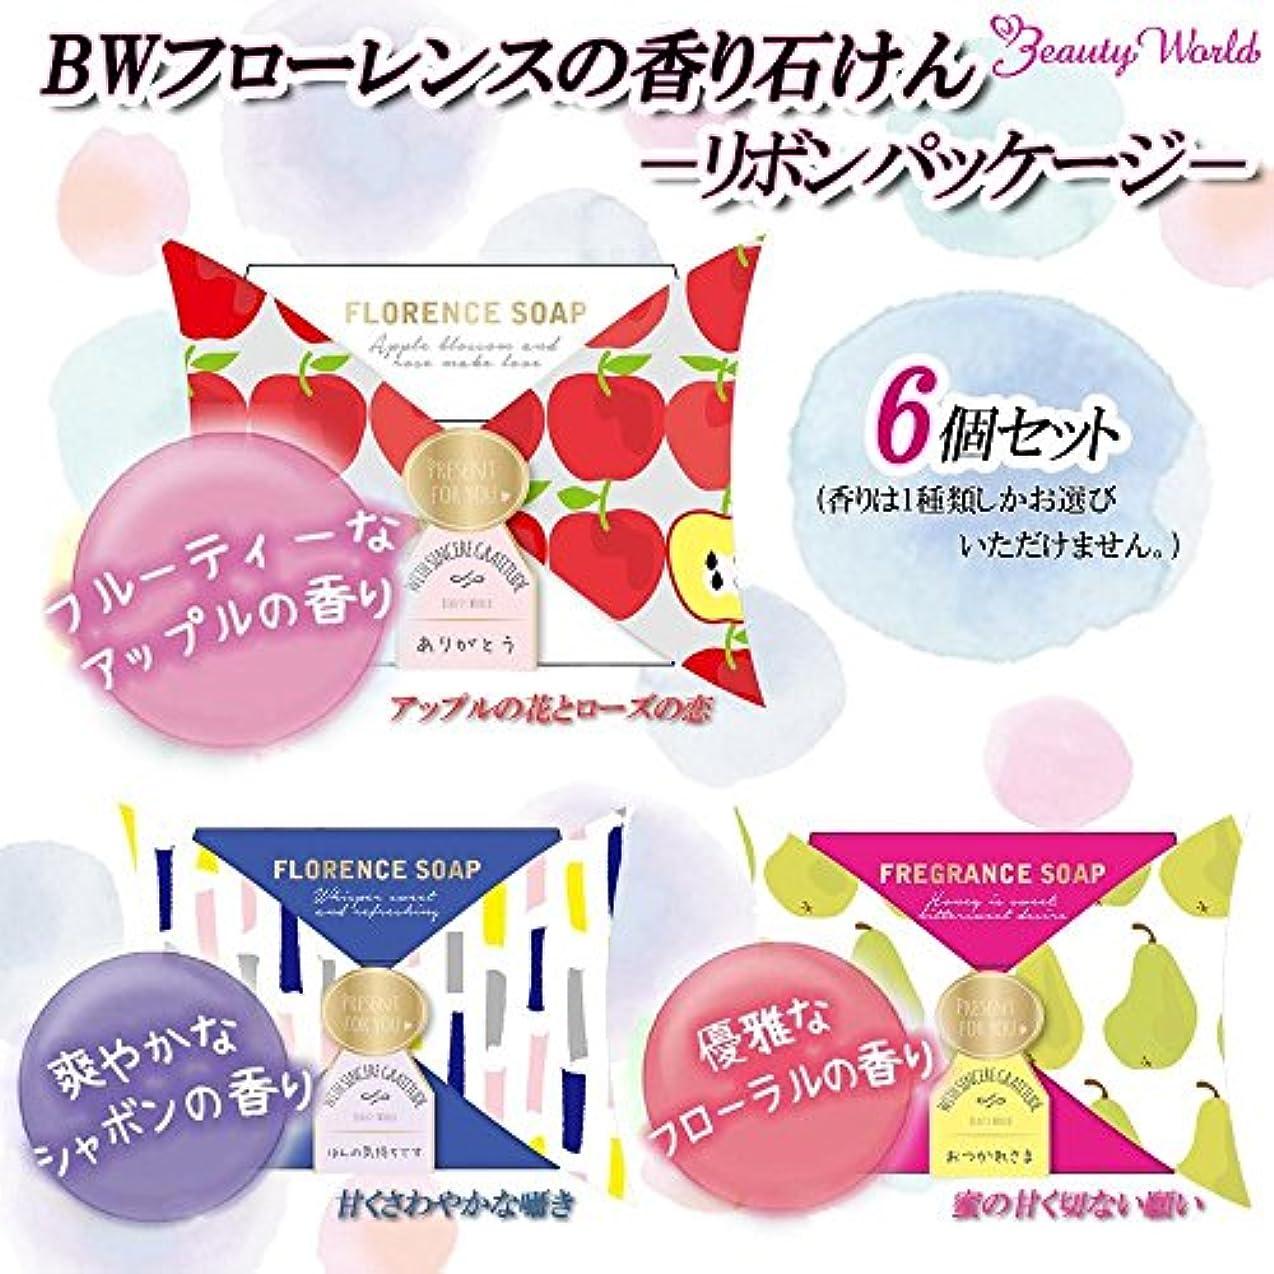 エゴマニアキャストブランクビューティーワールド BWフローレンスの香り石けん リボンパッケージ 6個セット ■3種類の内「FSP385・甘くさわやかな囁き」を1点のみです